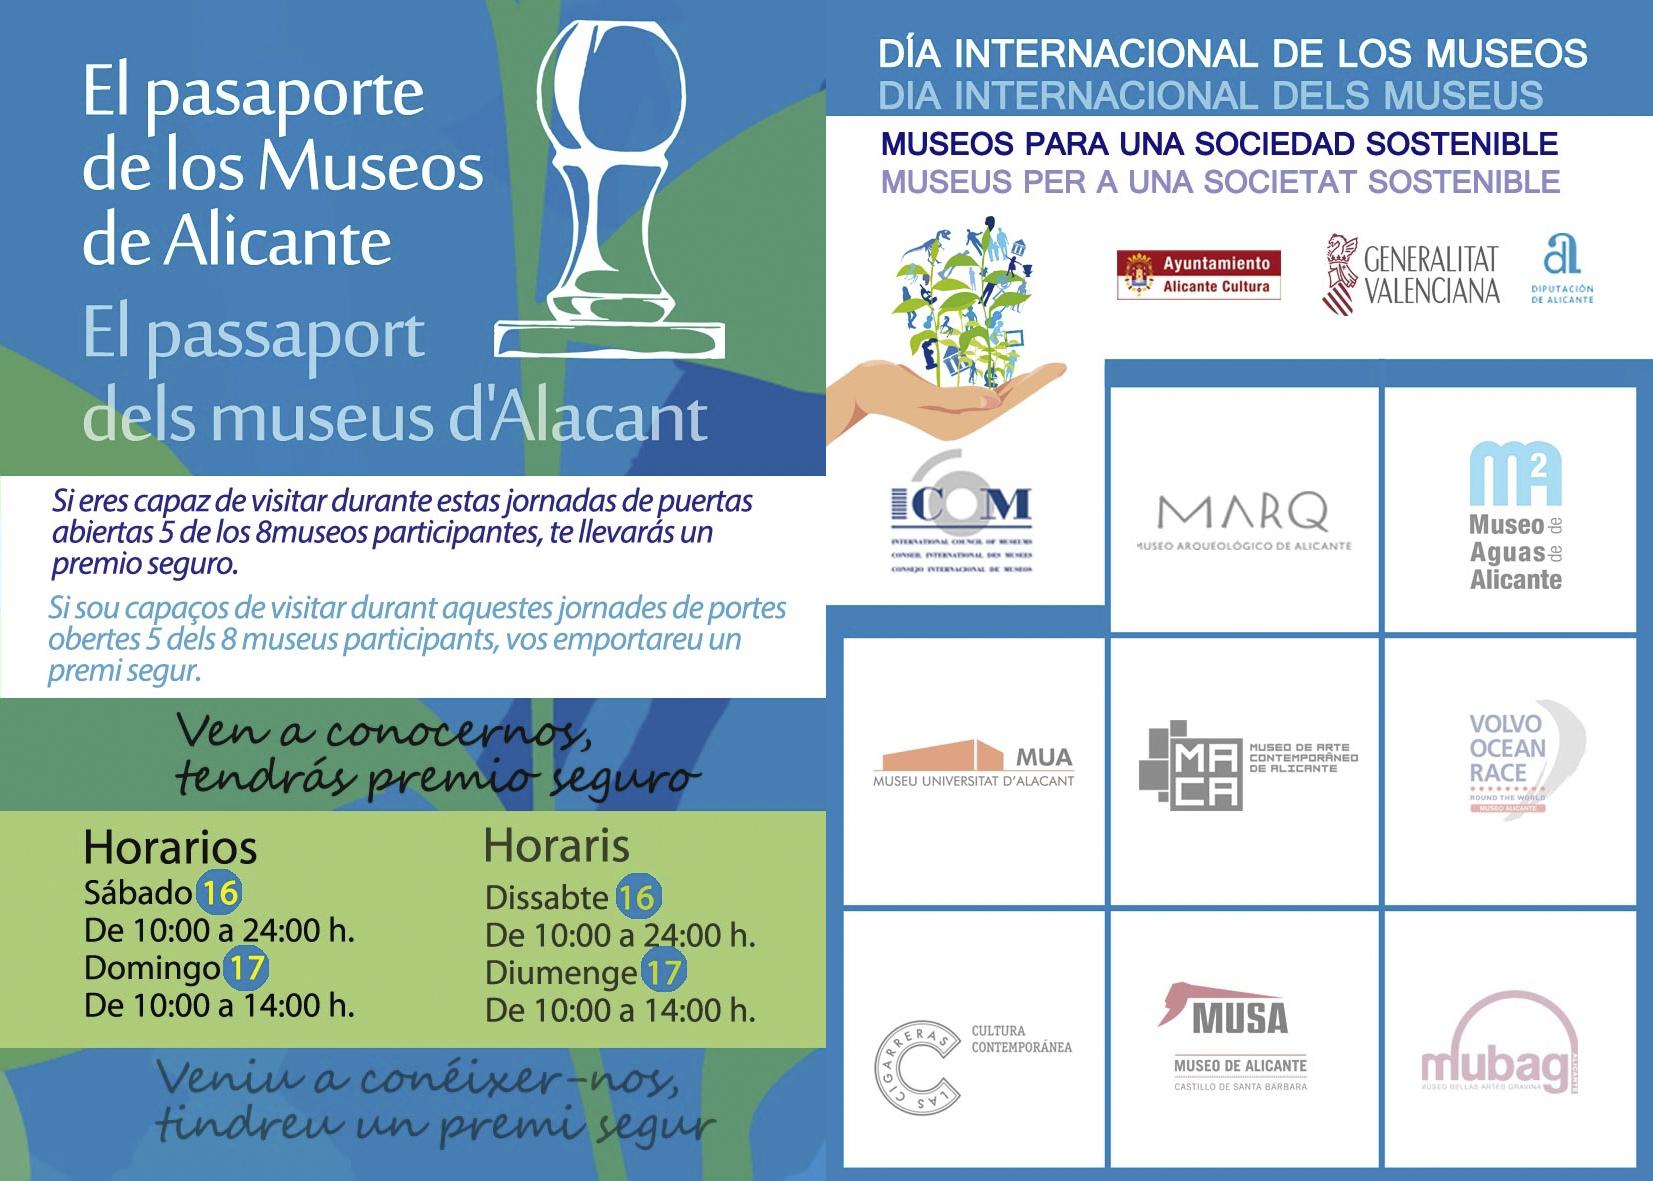 https://i0.wp.com/www.maca-alicante.es/wp-content/uploads/2015/05/Pasaporte-DIM151.jpg